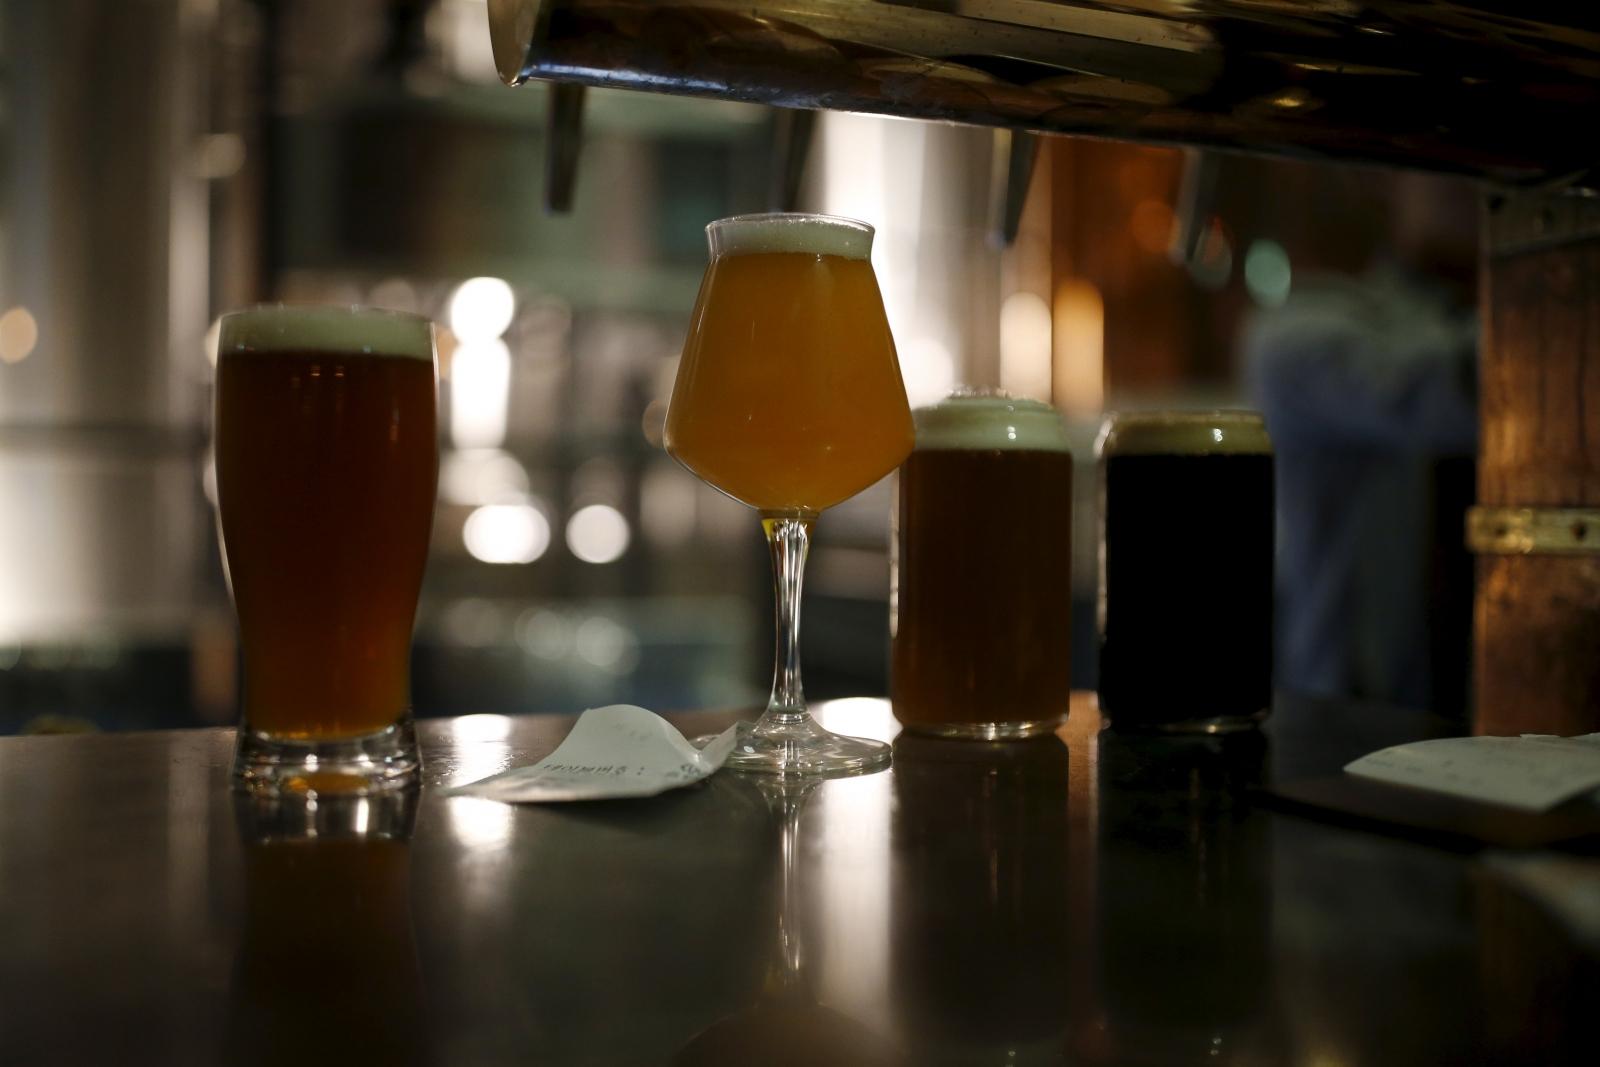 Perth based pub